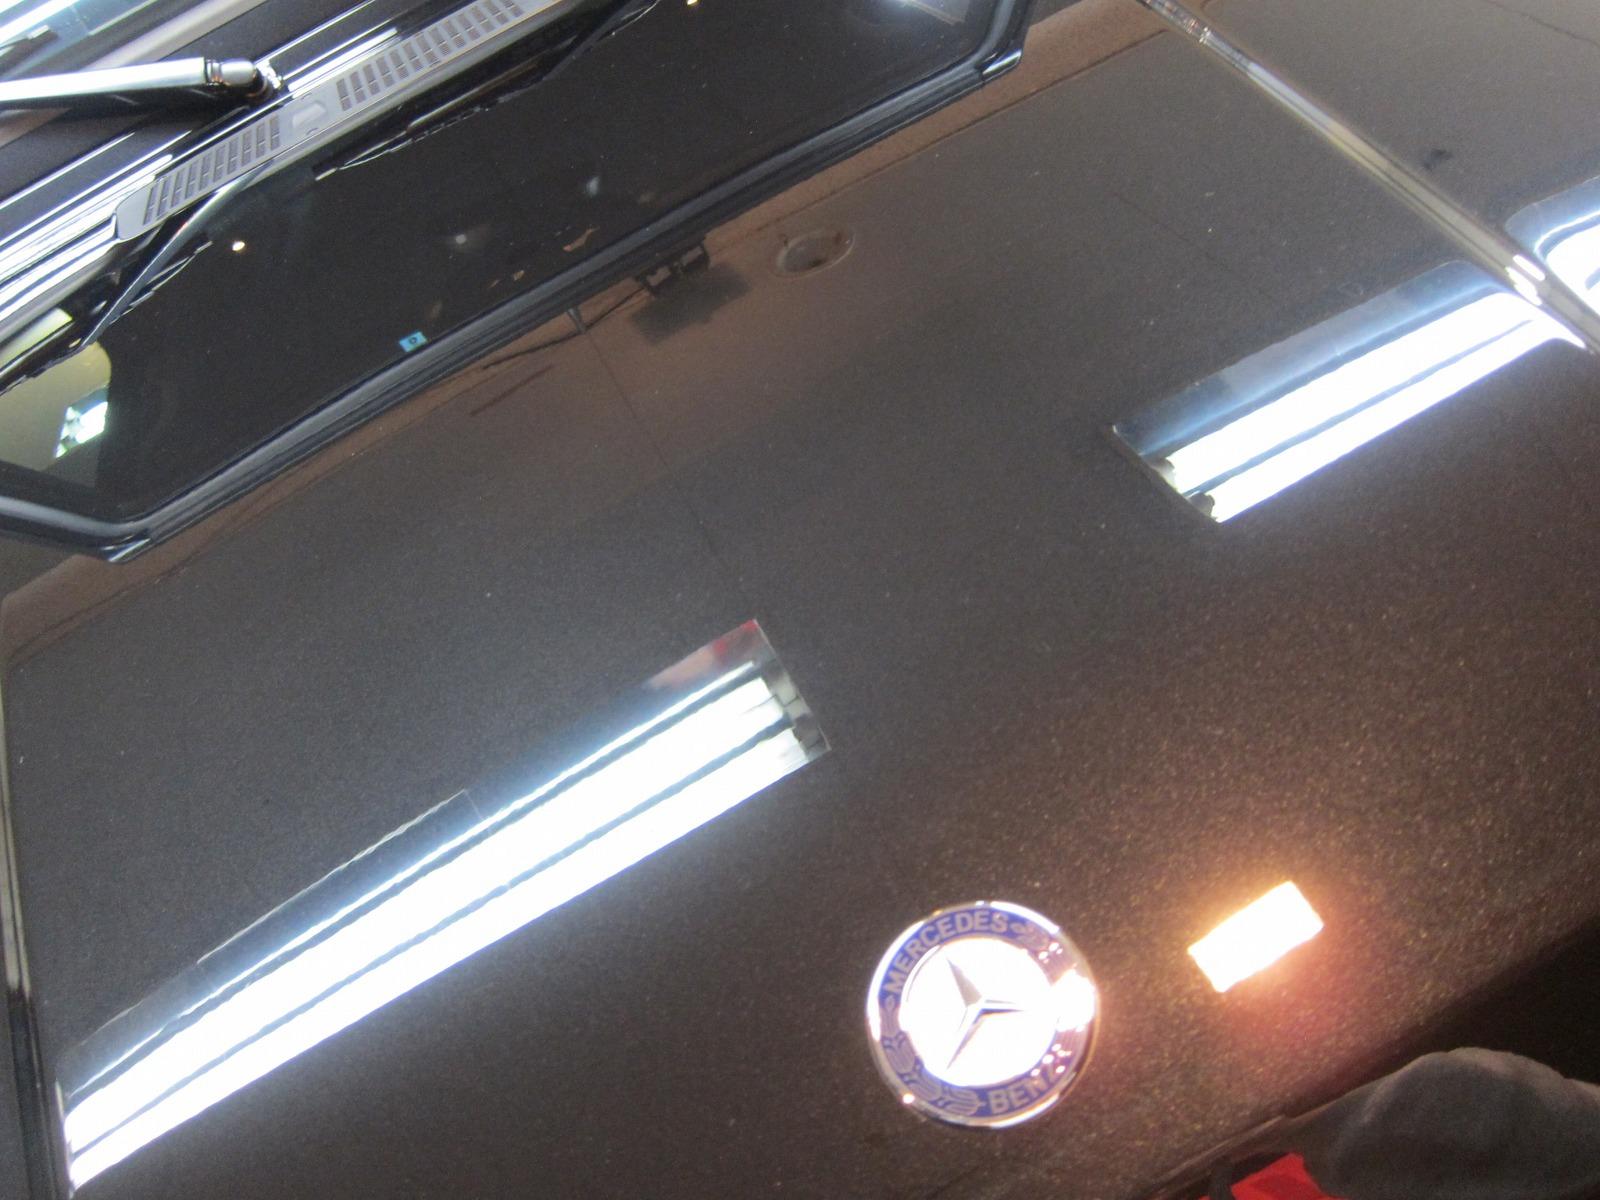 20140124-mercedes-benz-g550-07